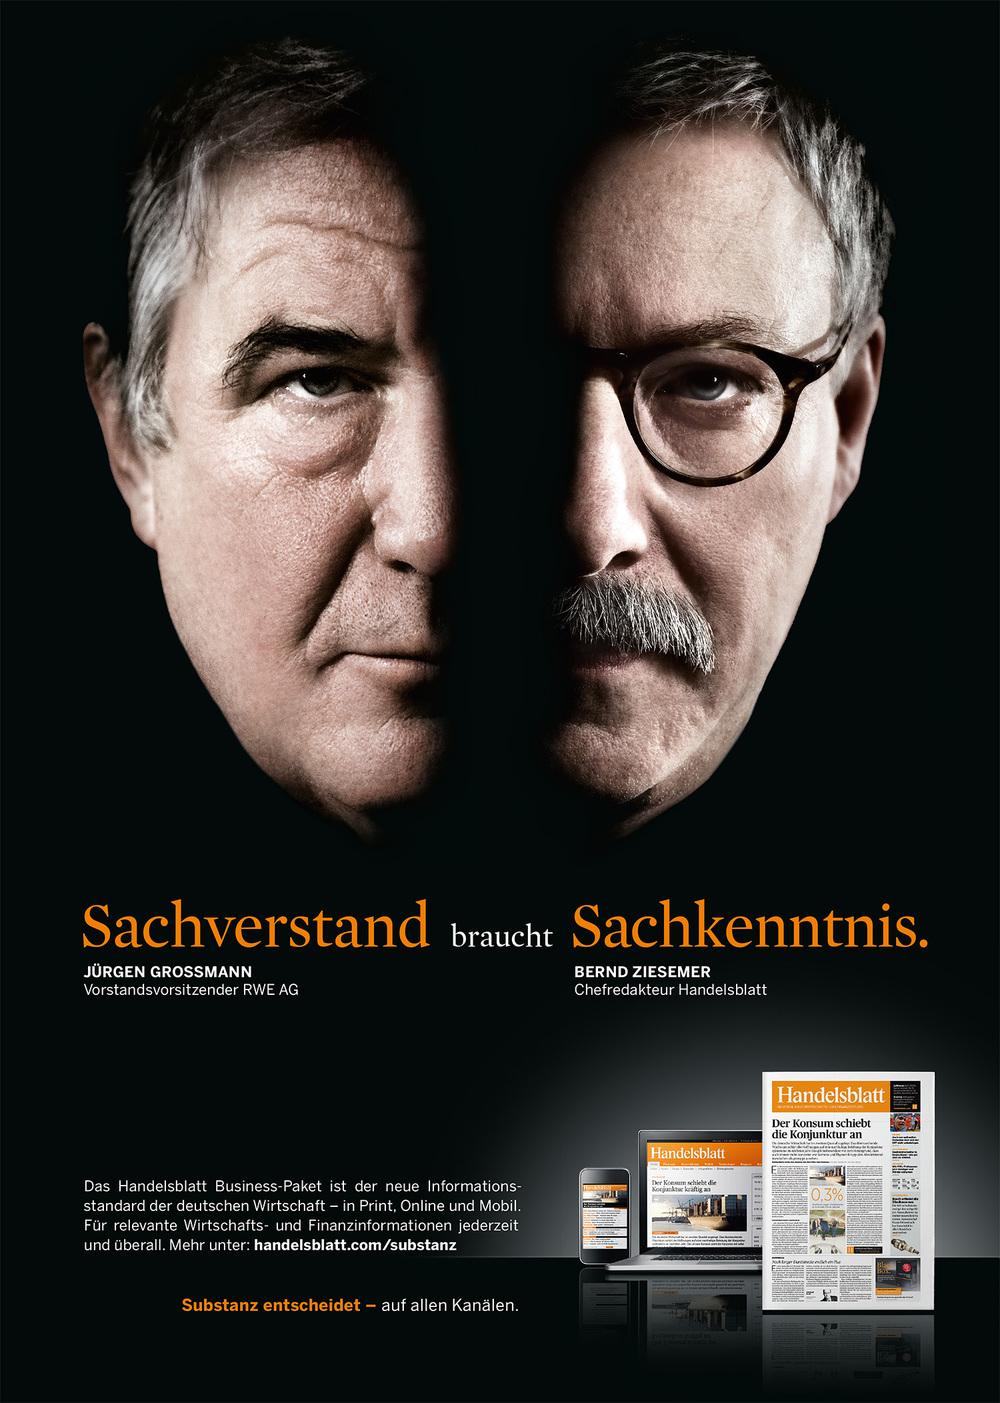 ad for handelsblatt 1